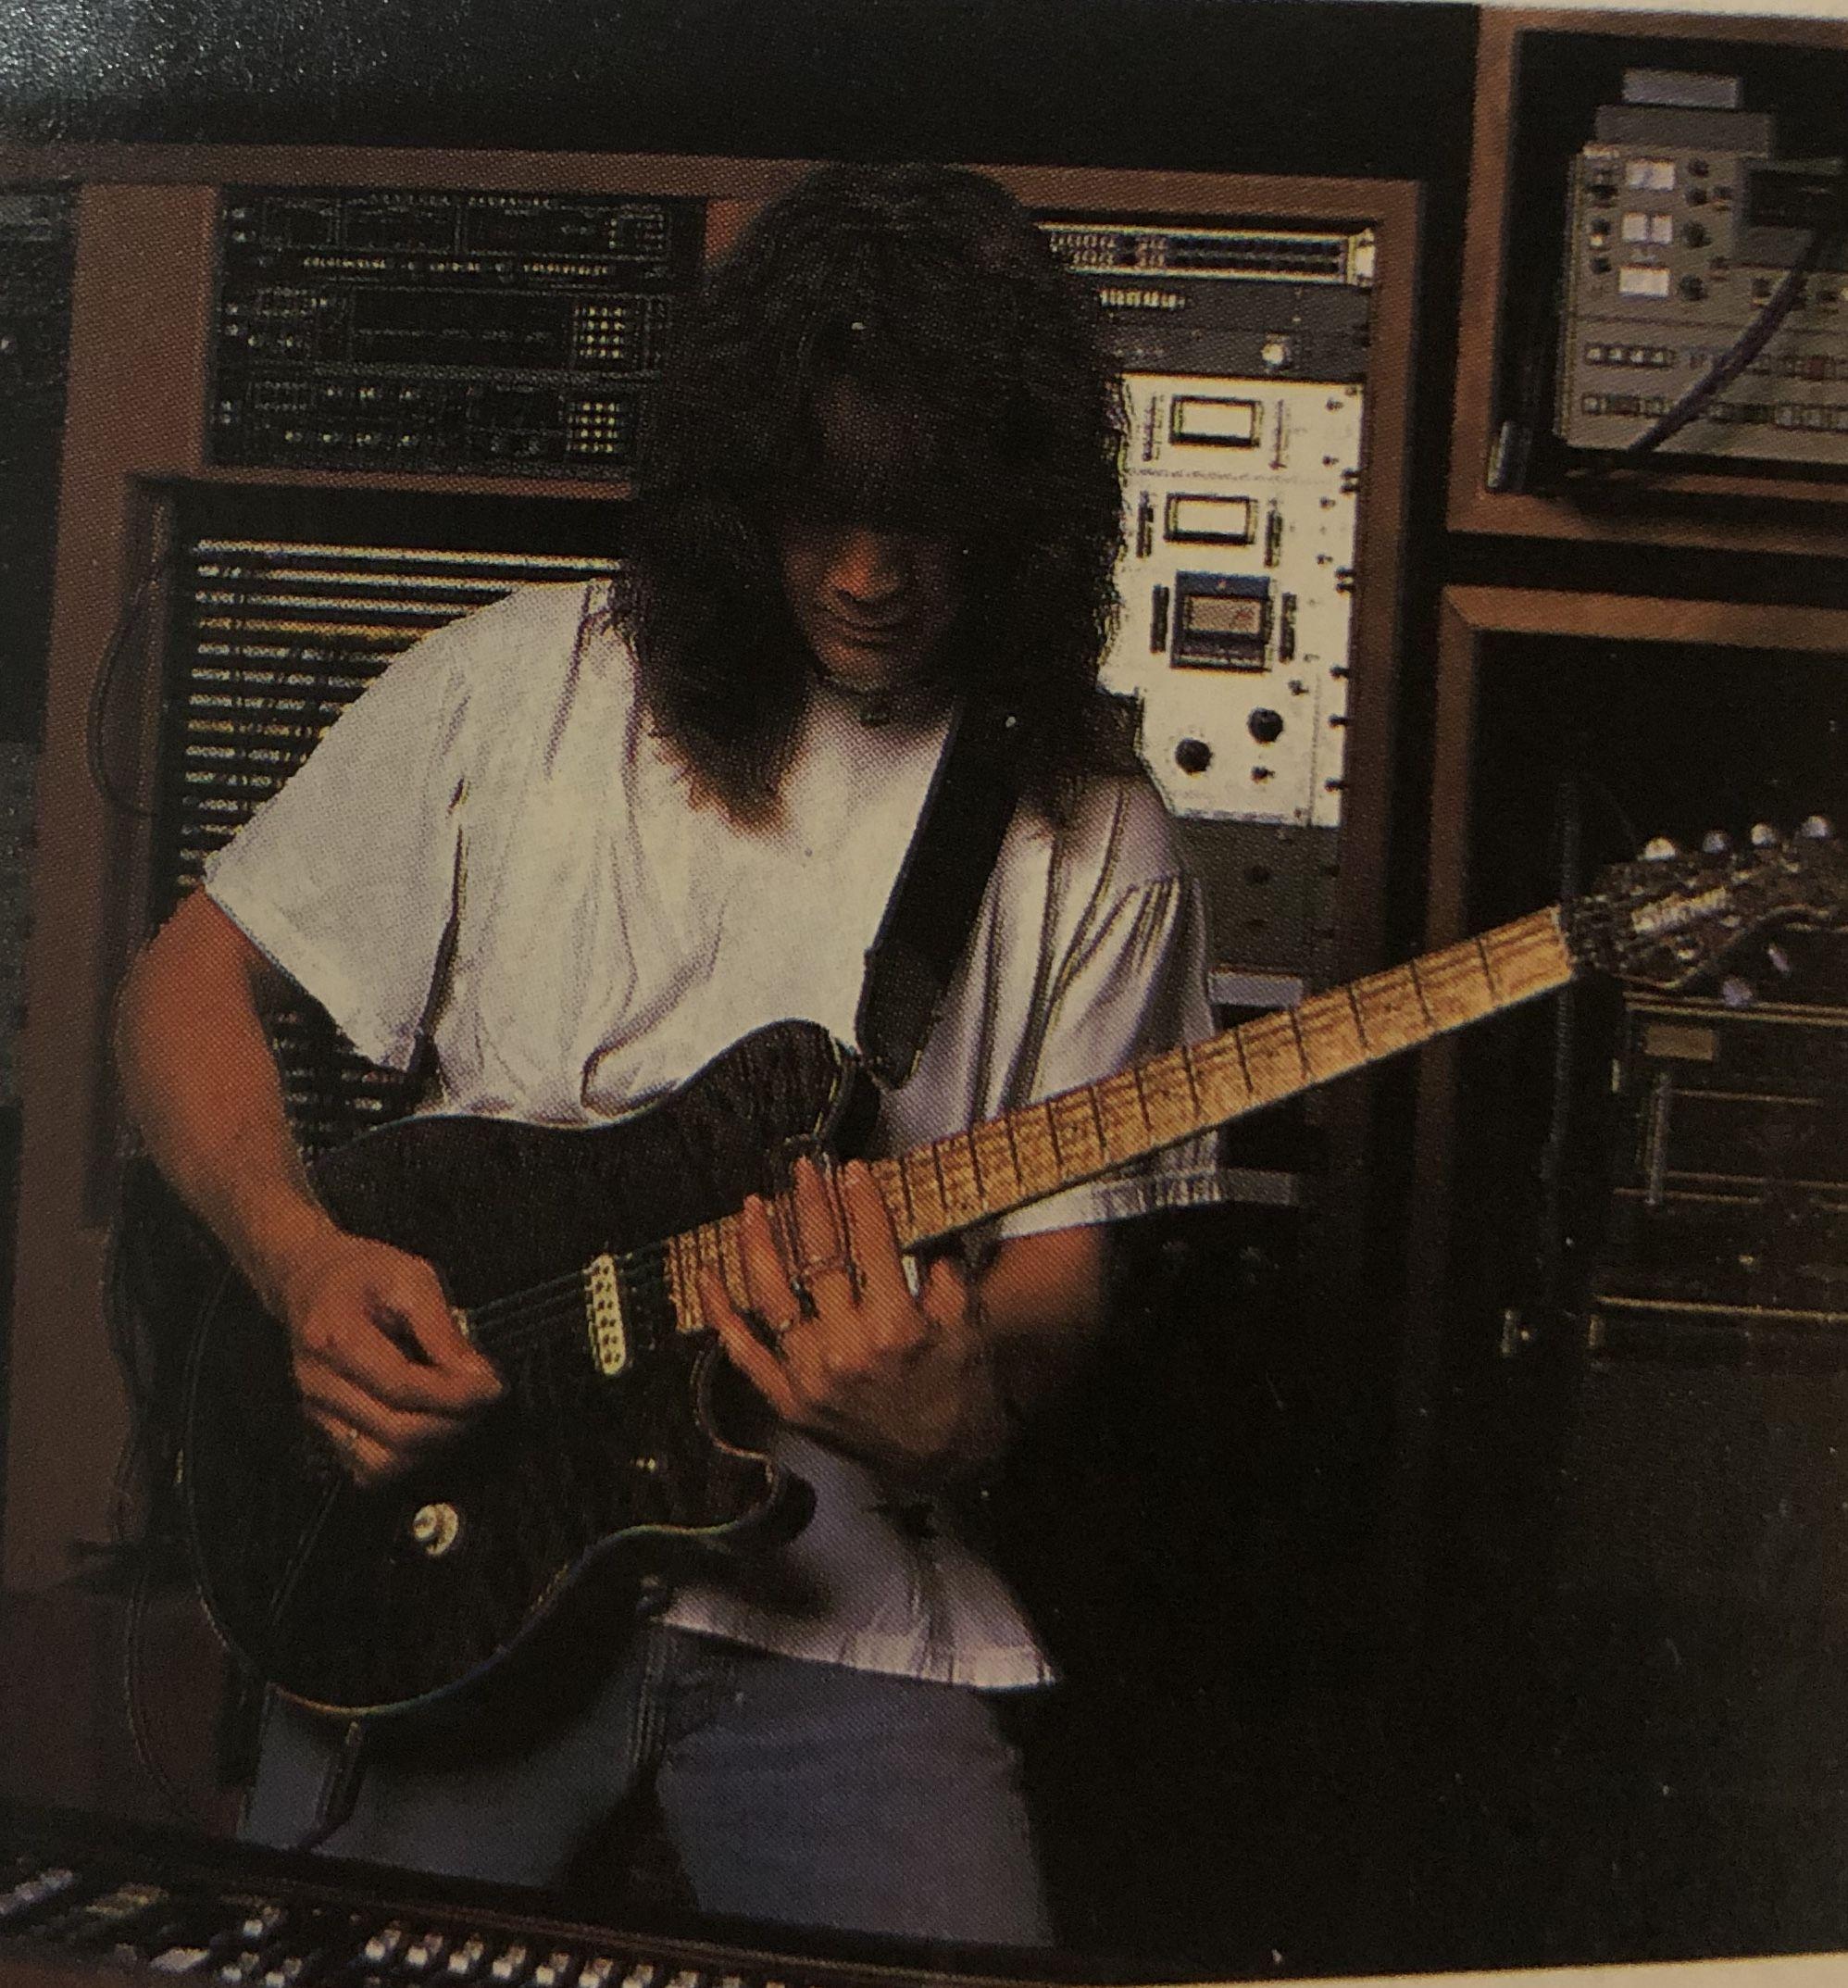 Pin By Guitarreallm On Eddie Van Halen Eddie Van Halen Van Halen Musician